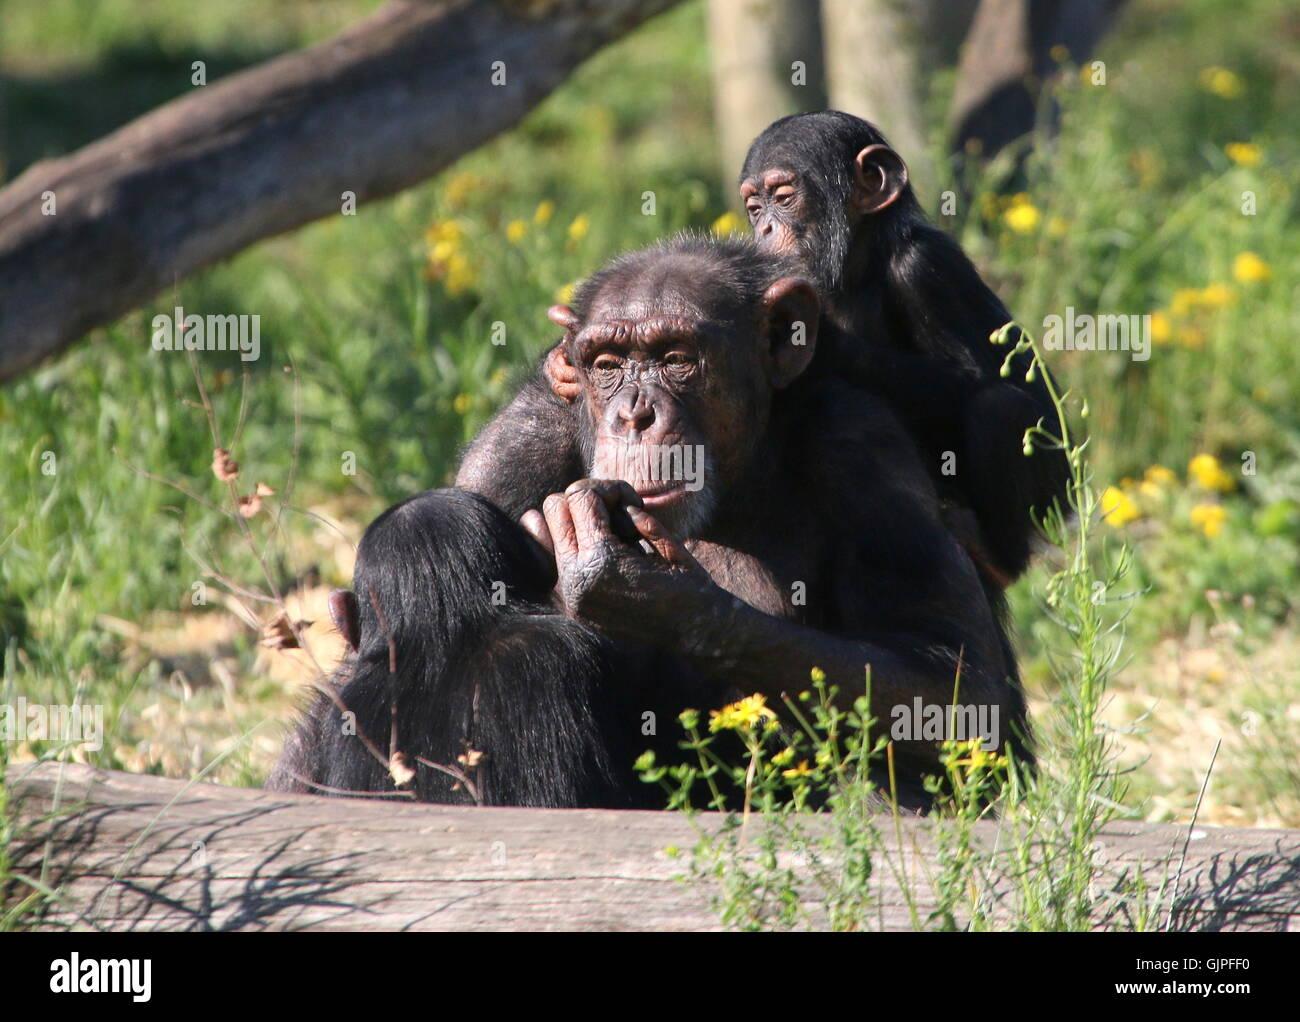 Hembra chimpancé común (Pan troglodytes) con un joven en su espalda, otro joven frente a ella. Imagen De Stock